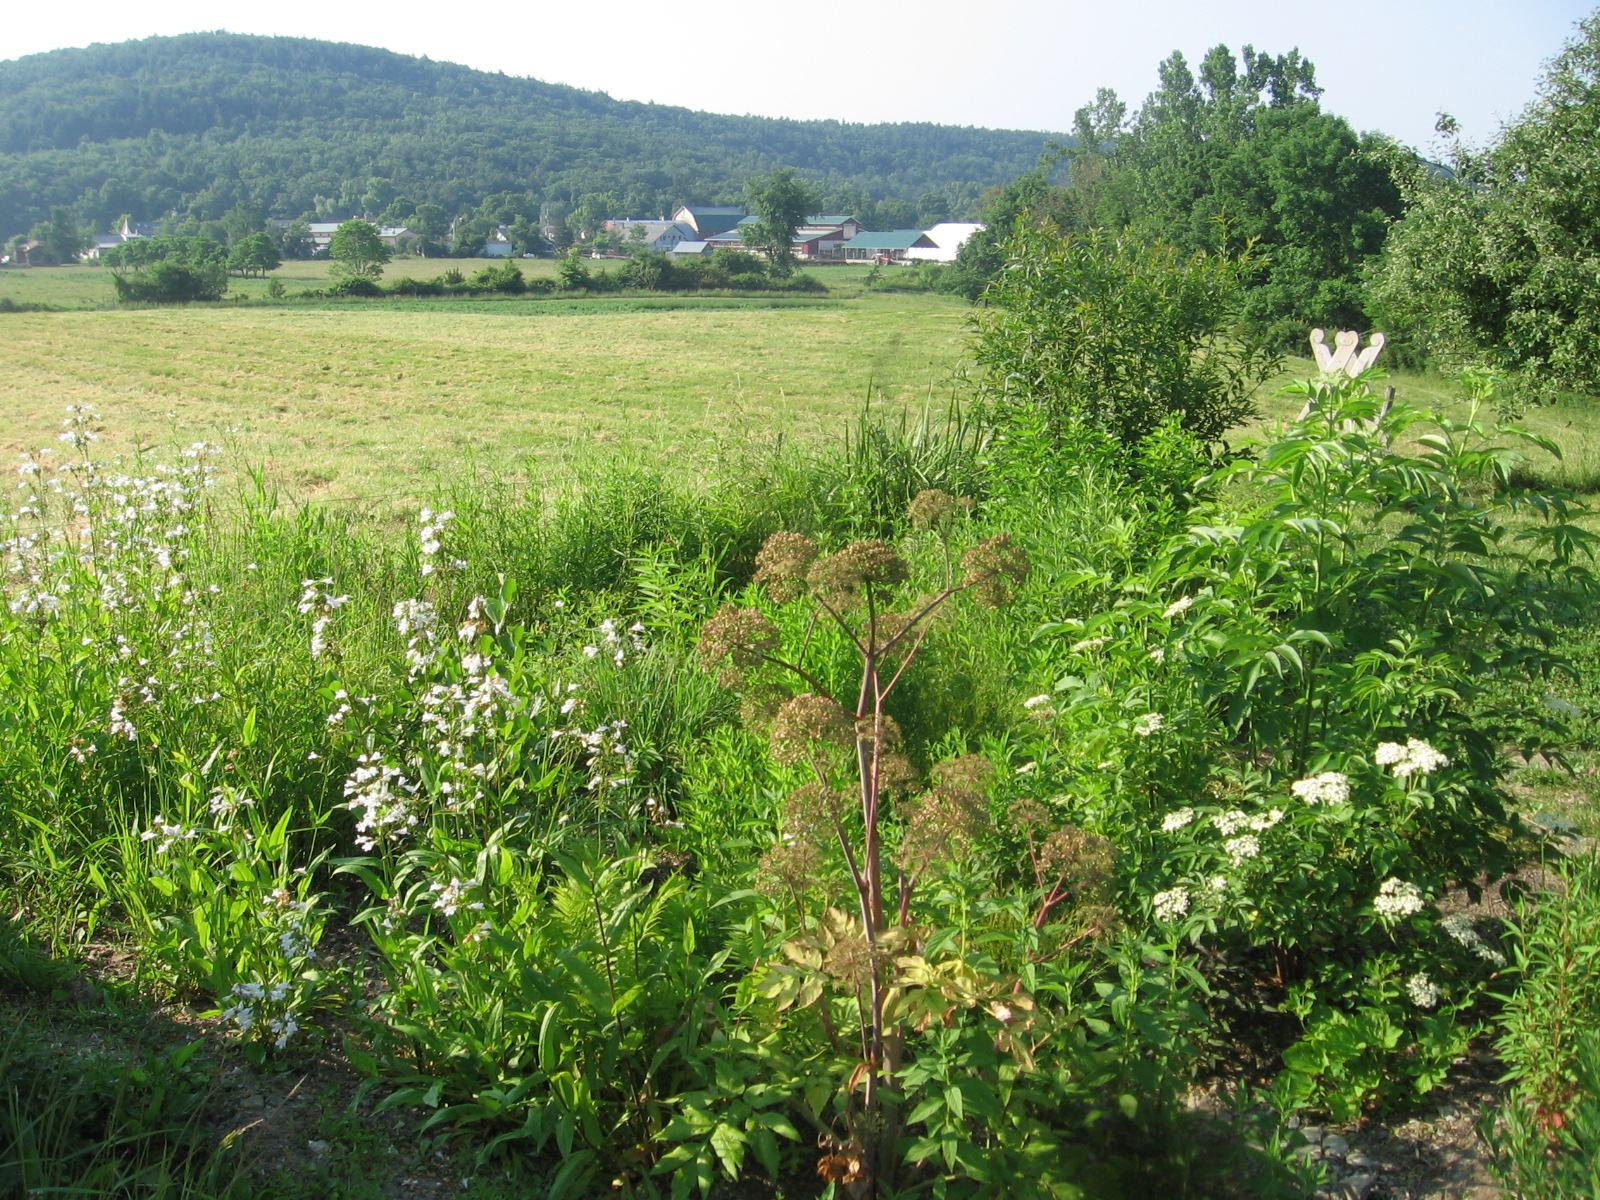 Raingarden in June 2012